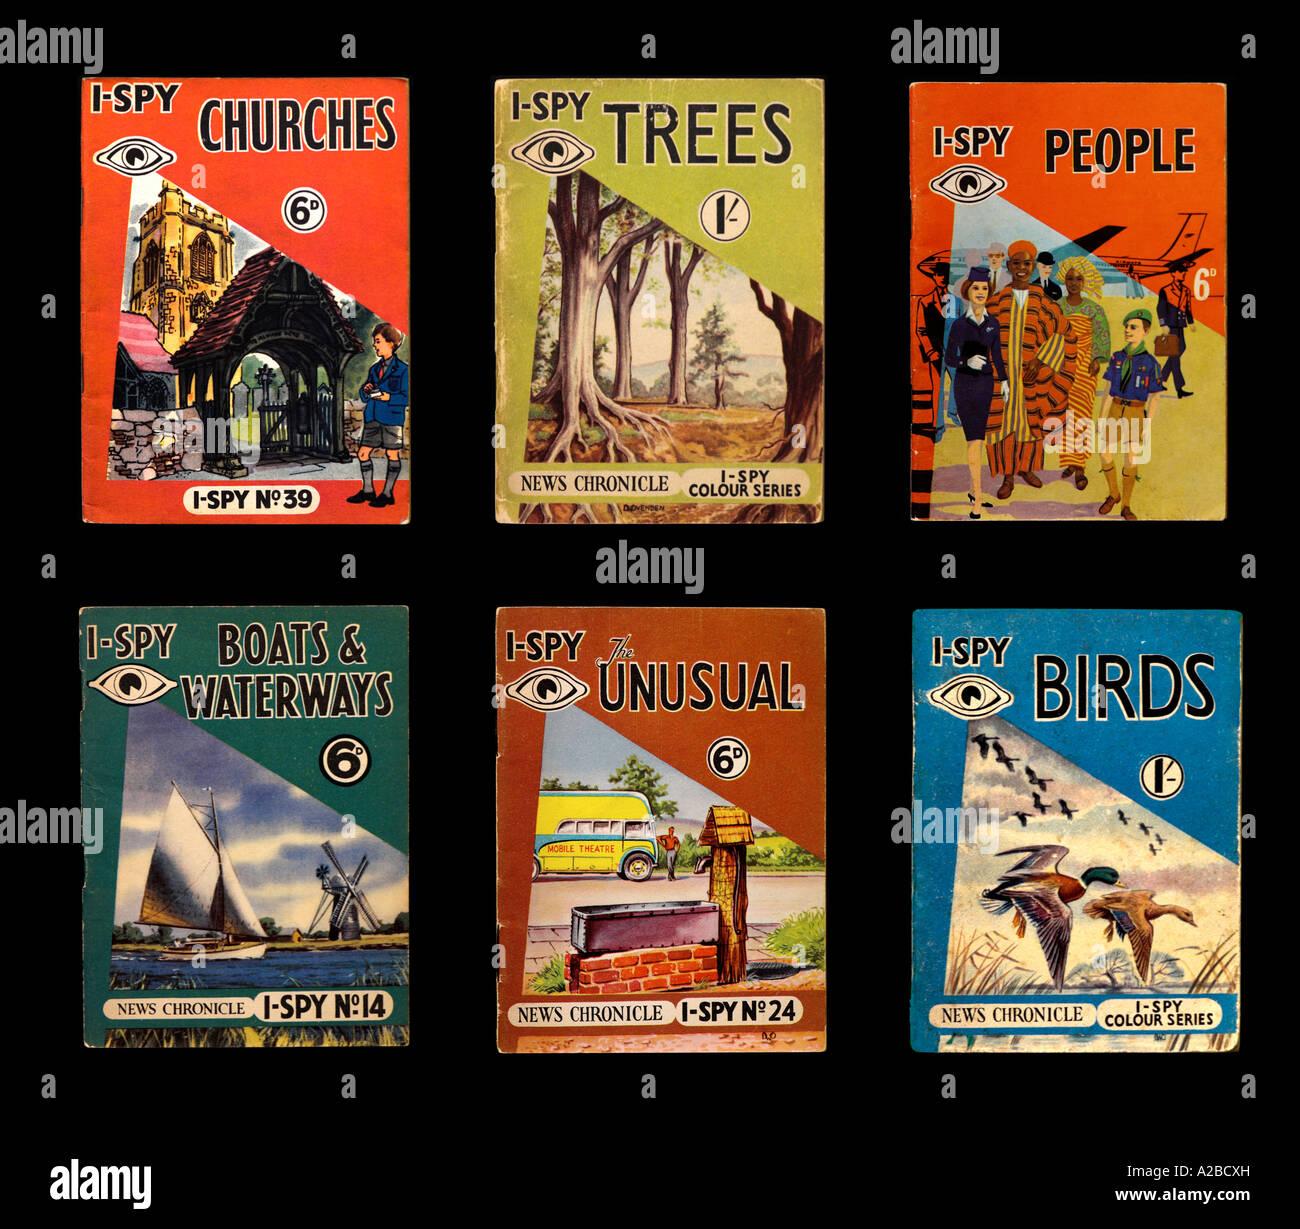 I-Spy Books 1950 1960 pour un usage éditorial uniquement Photo Stock